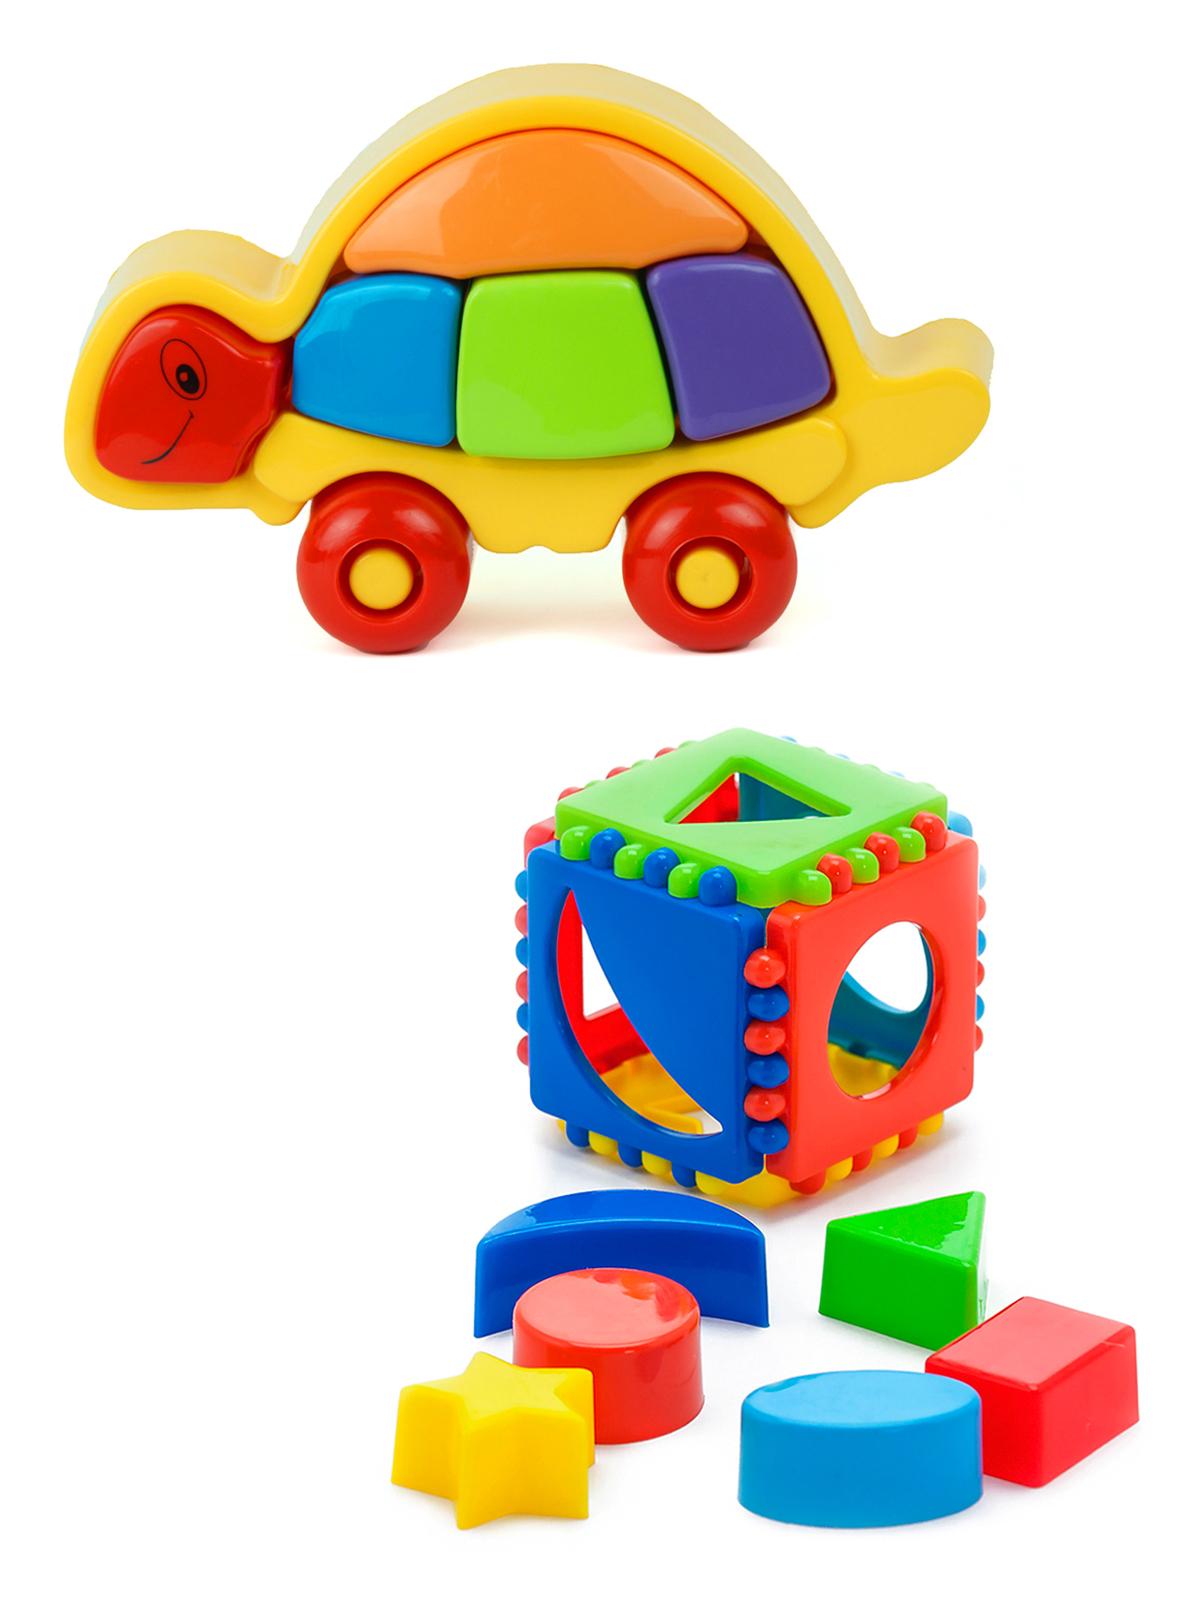 Купить Развивающие игрушки Karolina Toys Логическая черепашка+Кубик логический малый,